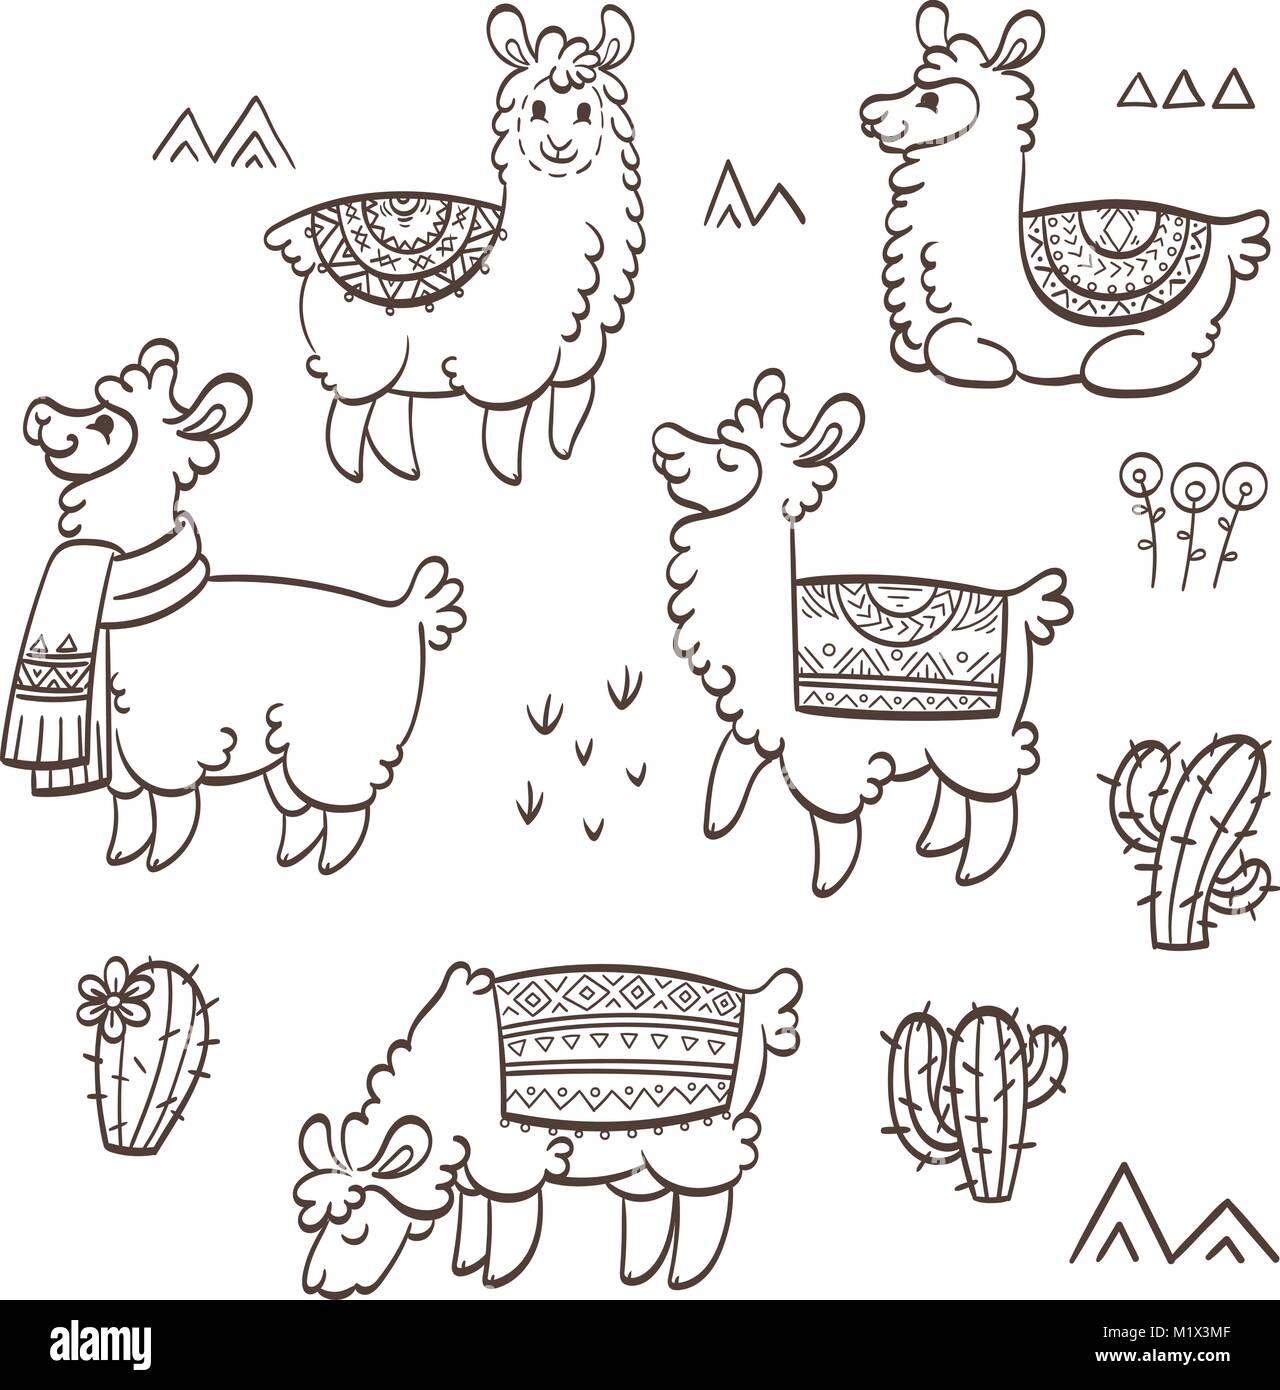 Esquema Lindo Llamas Ilustración Vectorial De Tinta Para Los Niños